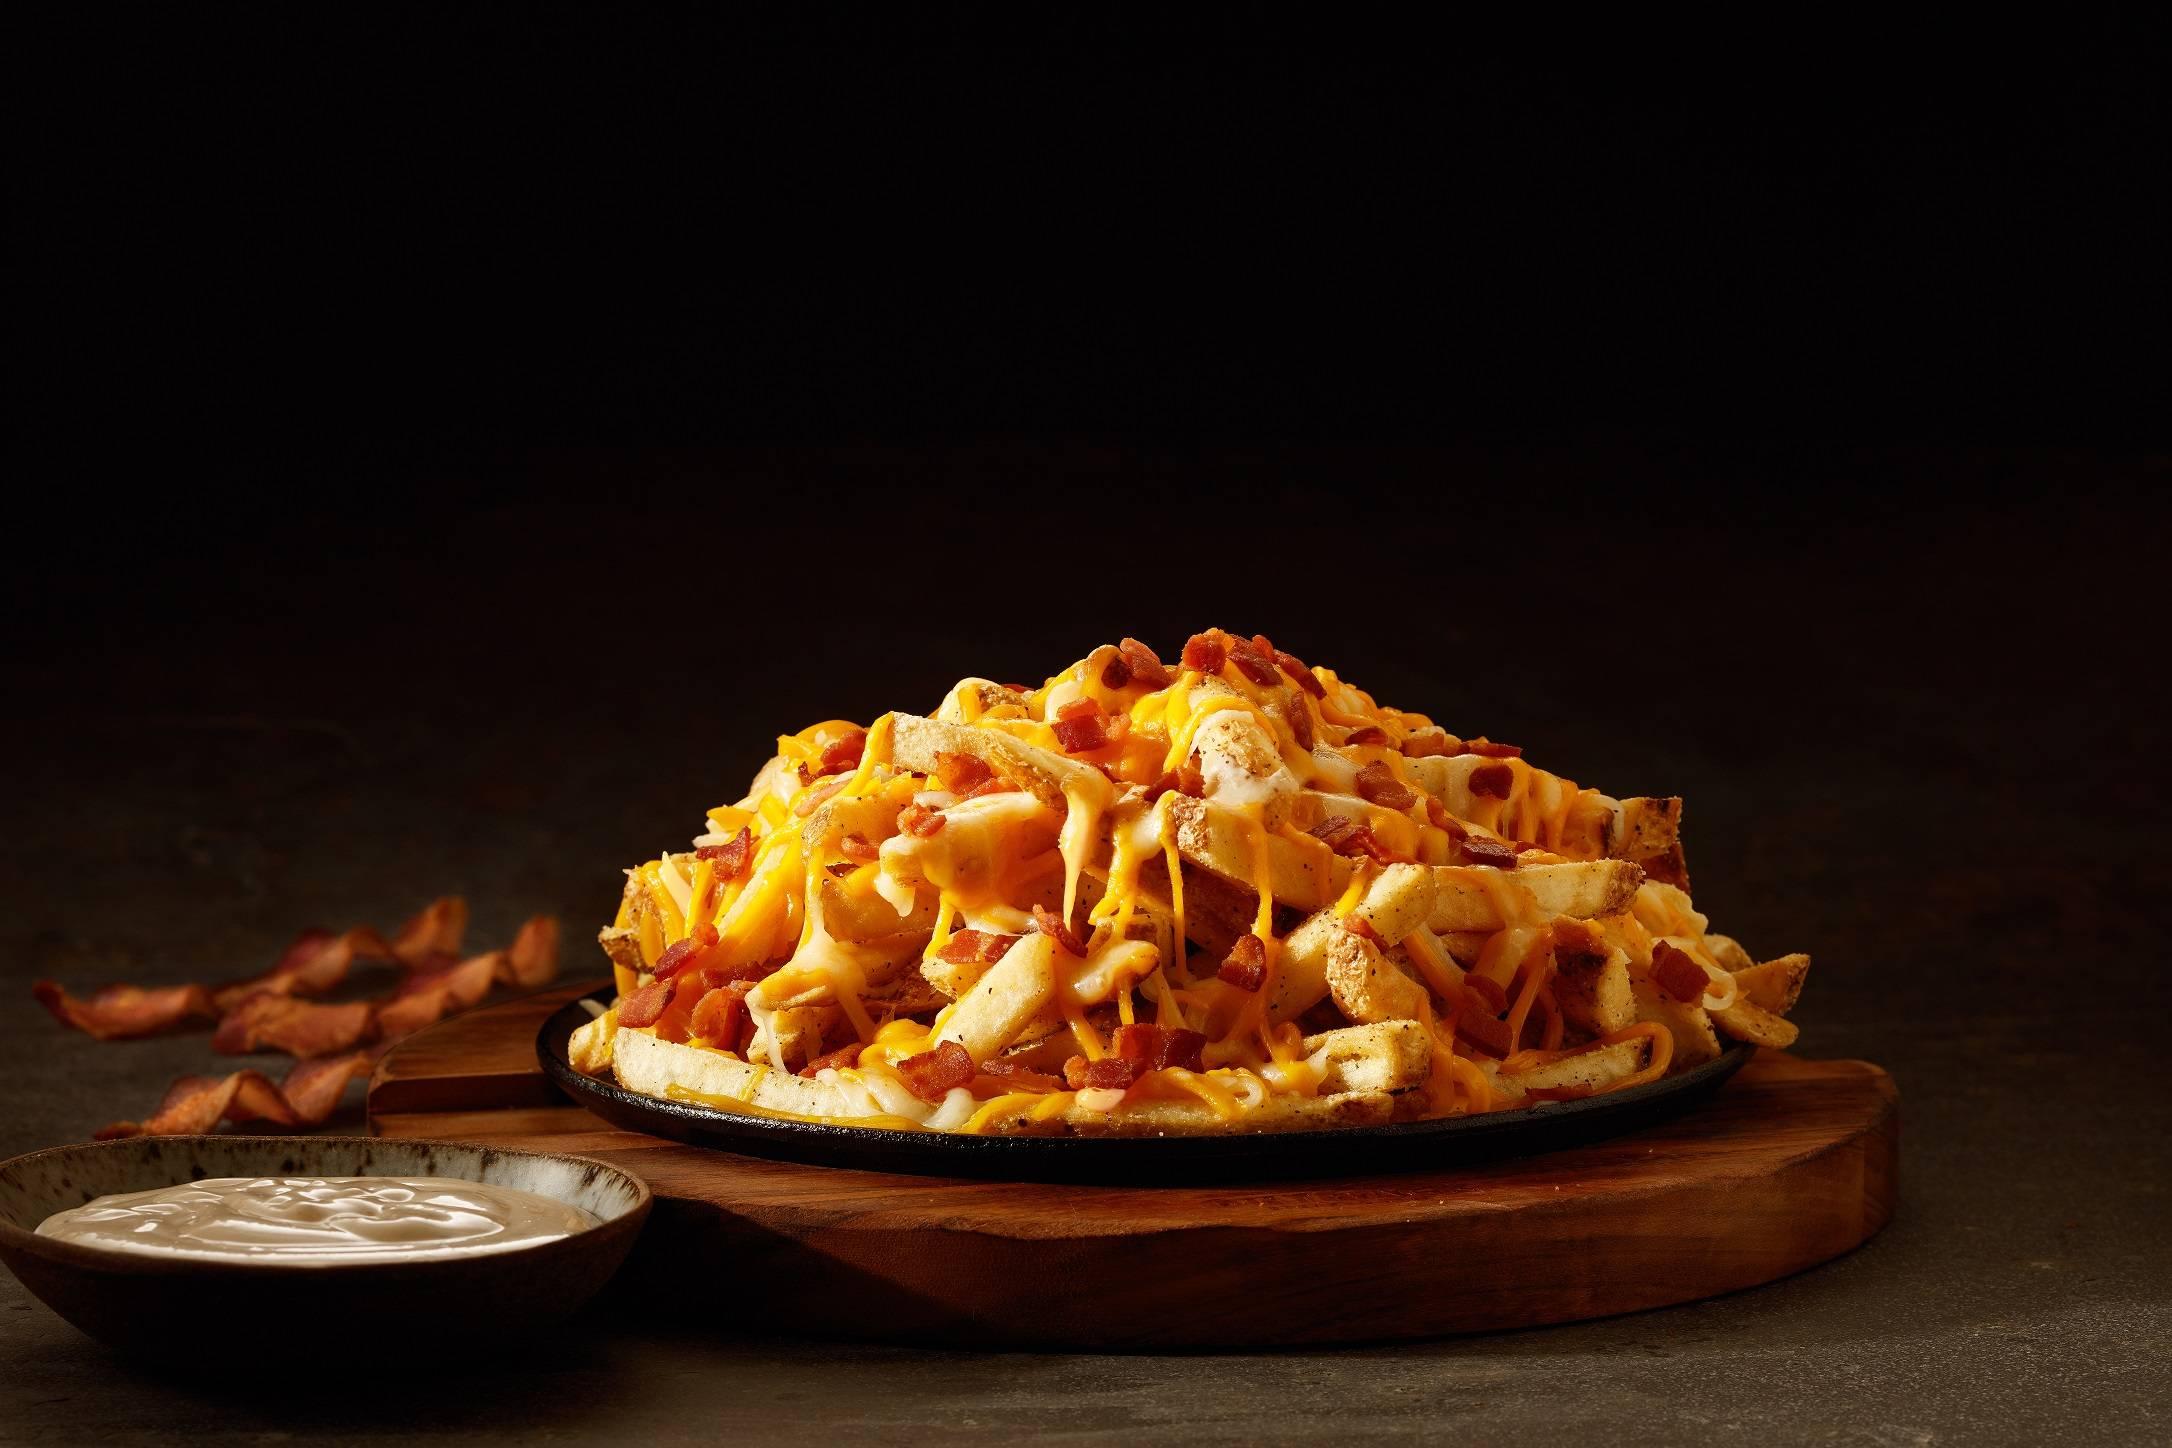 Em Goiânia, Outback vai dar Aussie Cheese Fries, famosa porção de batata frita coberta com mix de queijos e bacon | Foto: Divulgação